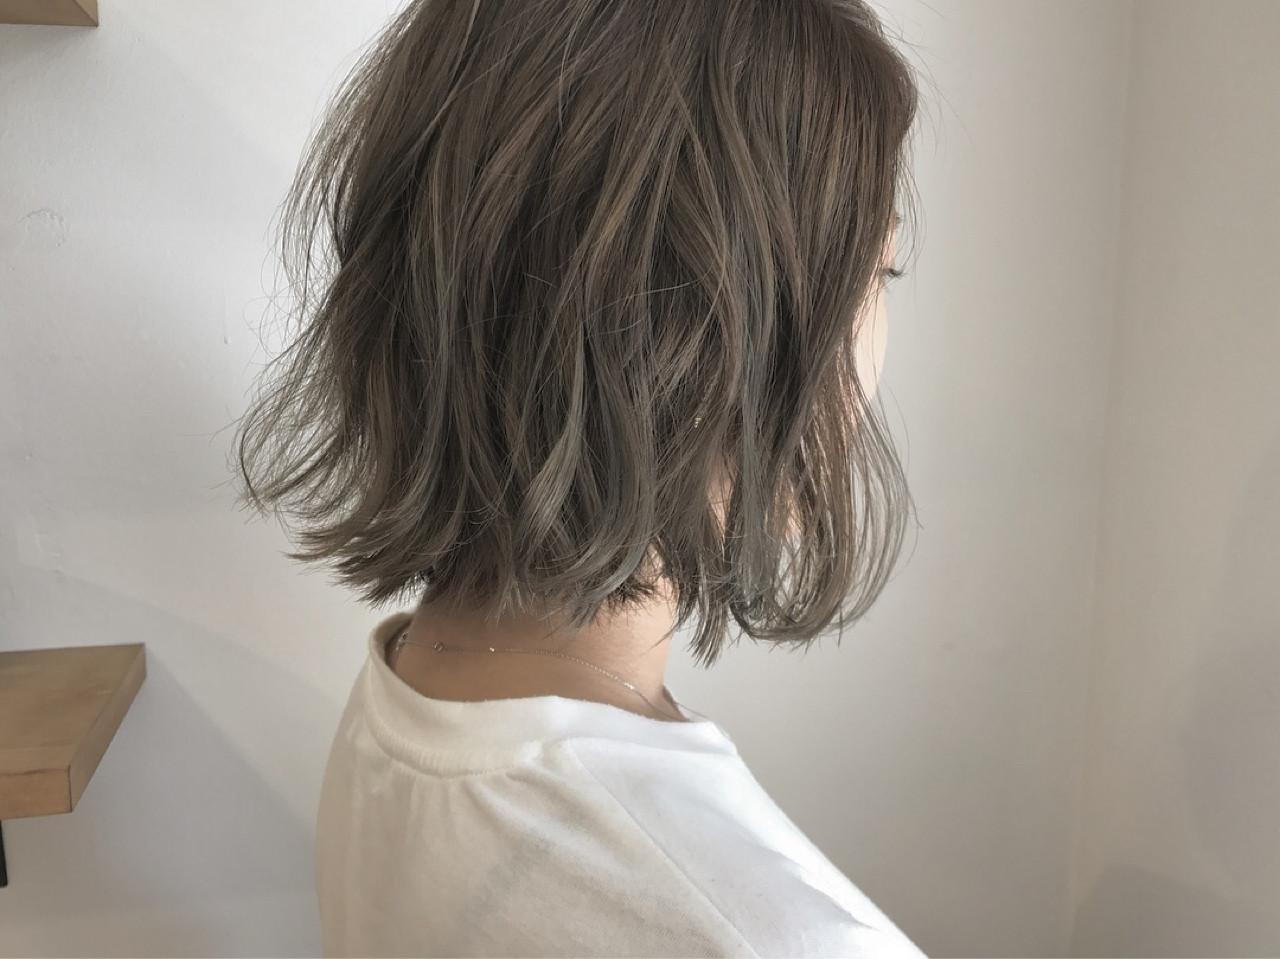 ナチュラル 透明感 切りっぱなし 秋 ヘアスタイルや髪型の写真・画像 | KENTO.NOESALON / NOE SALON